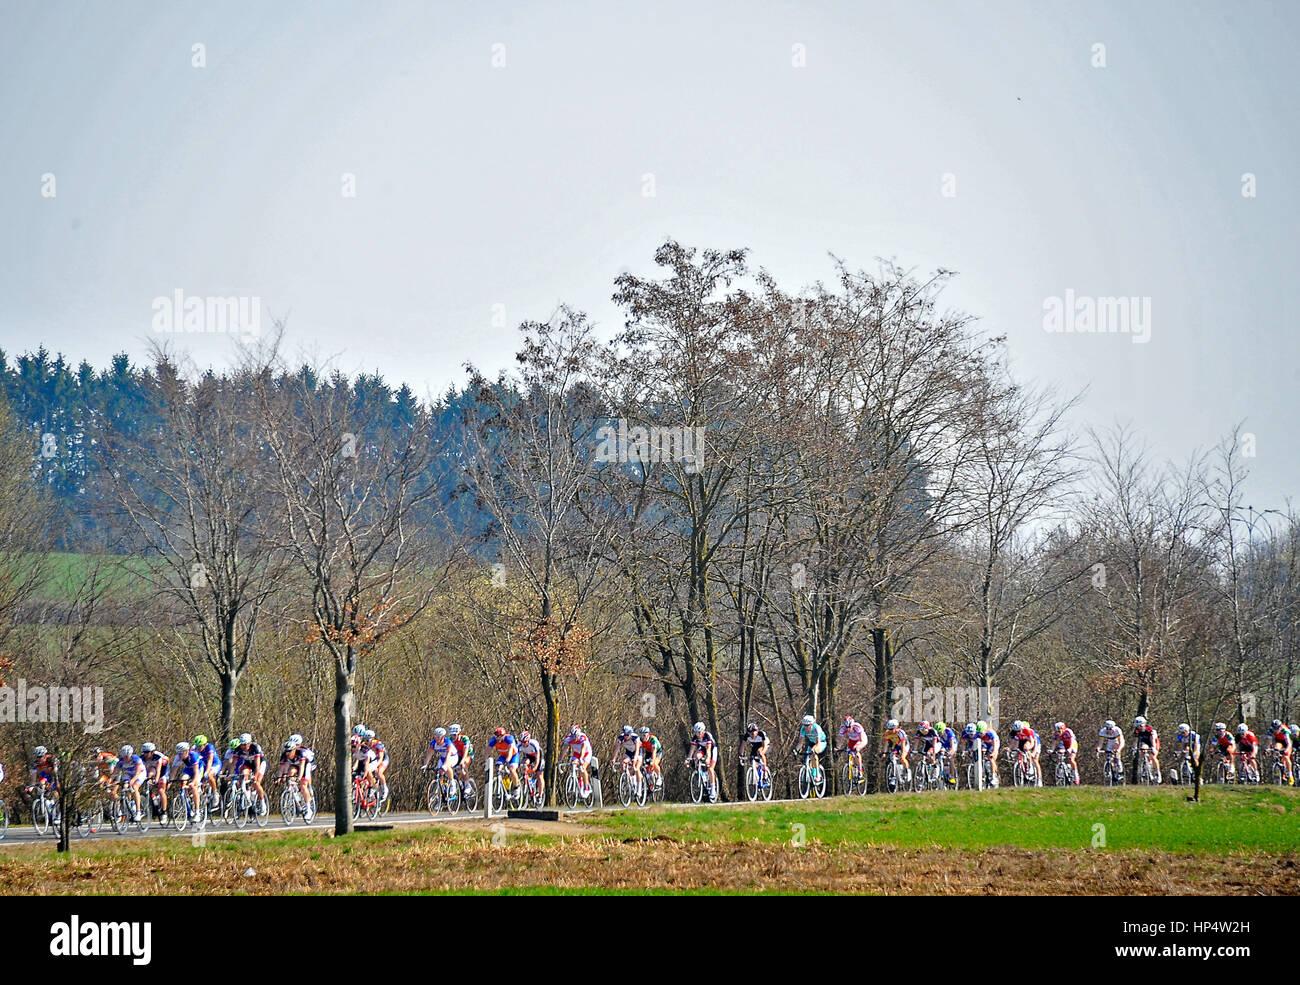 Dippach, Lussemburgo 25.03.2012. Il pack in azione durante il GRAN PREMIO DI AUTOPOLIS DIPPACH corsa di ciclismo Immagini Stock